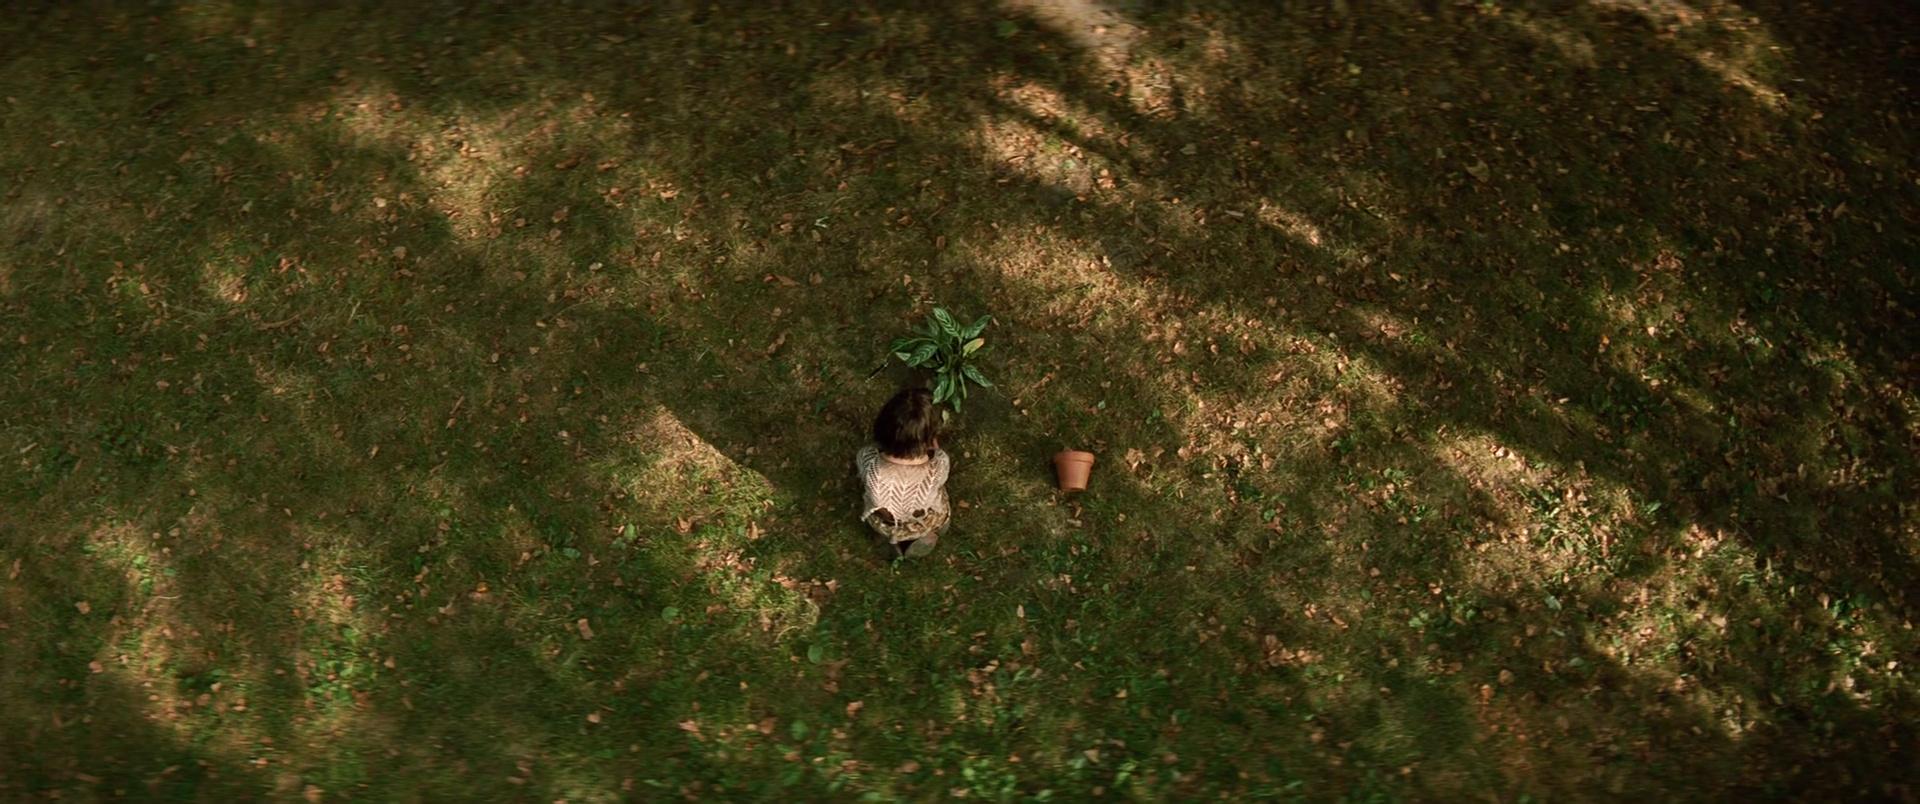 El Perfecto Asesino [Léon] (1994) Extended x265 1080p